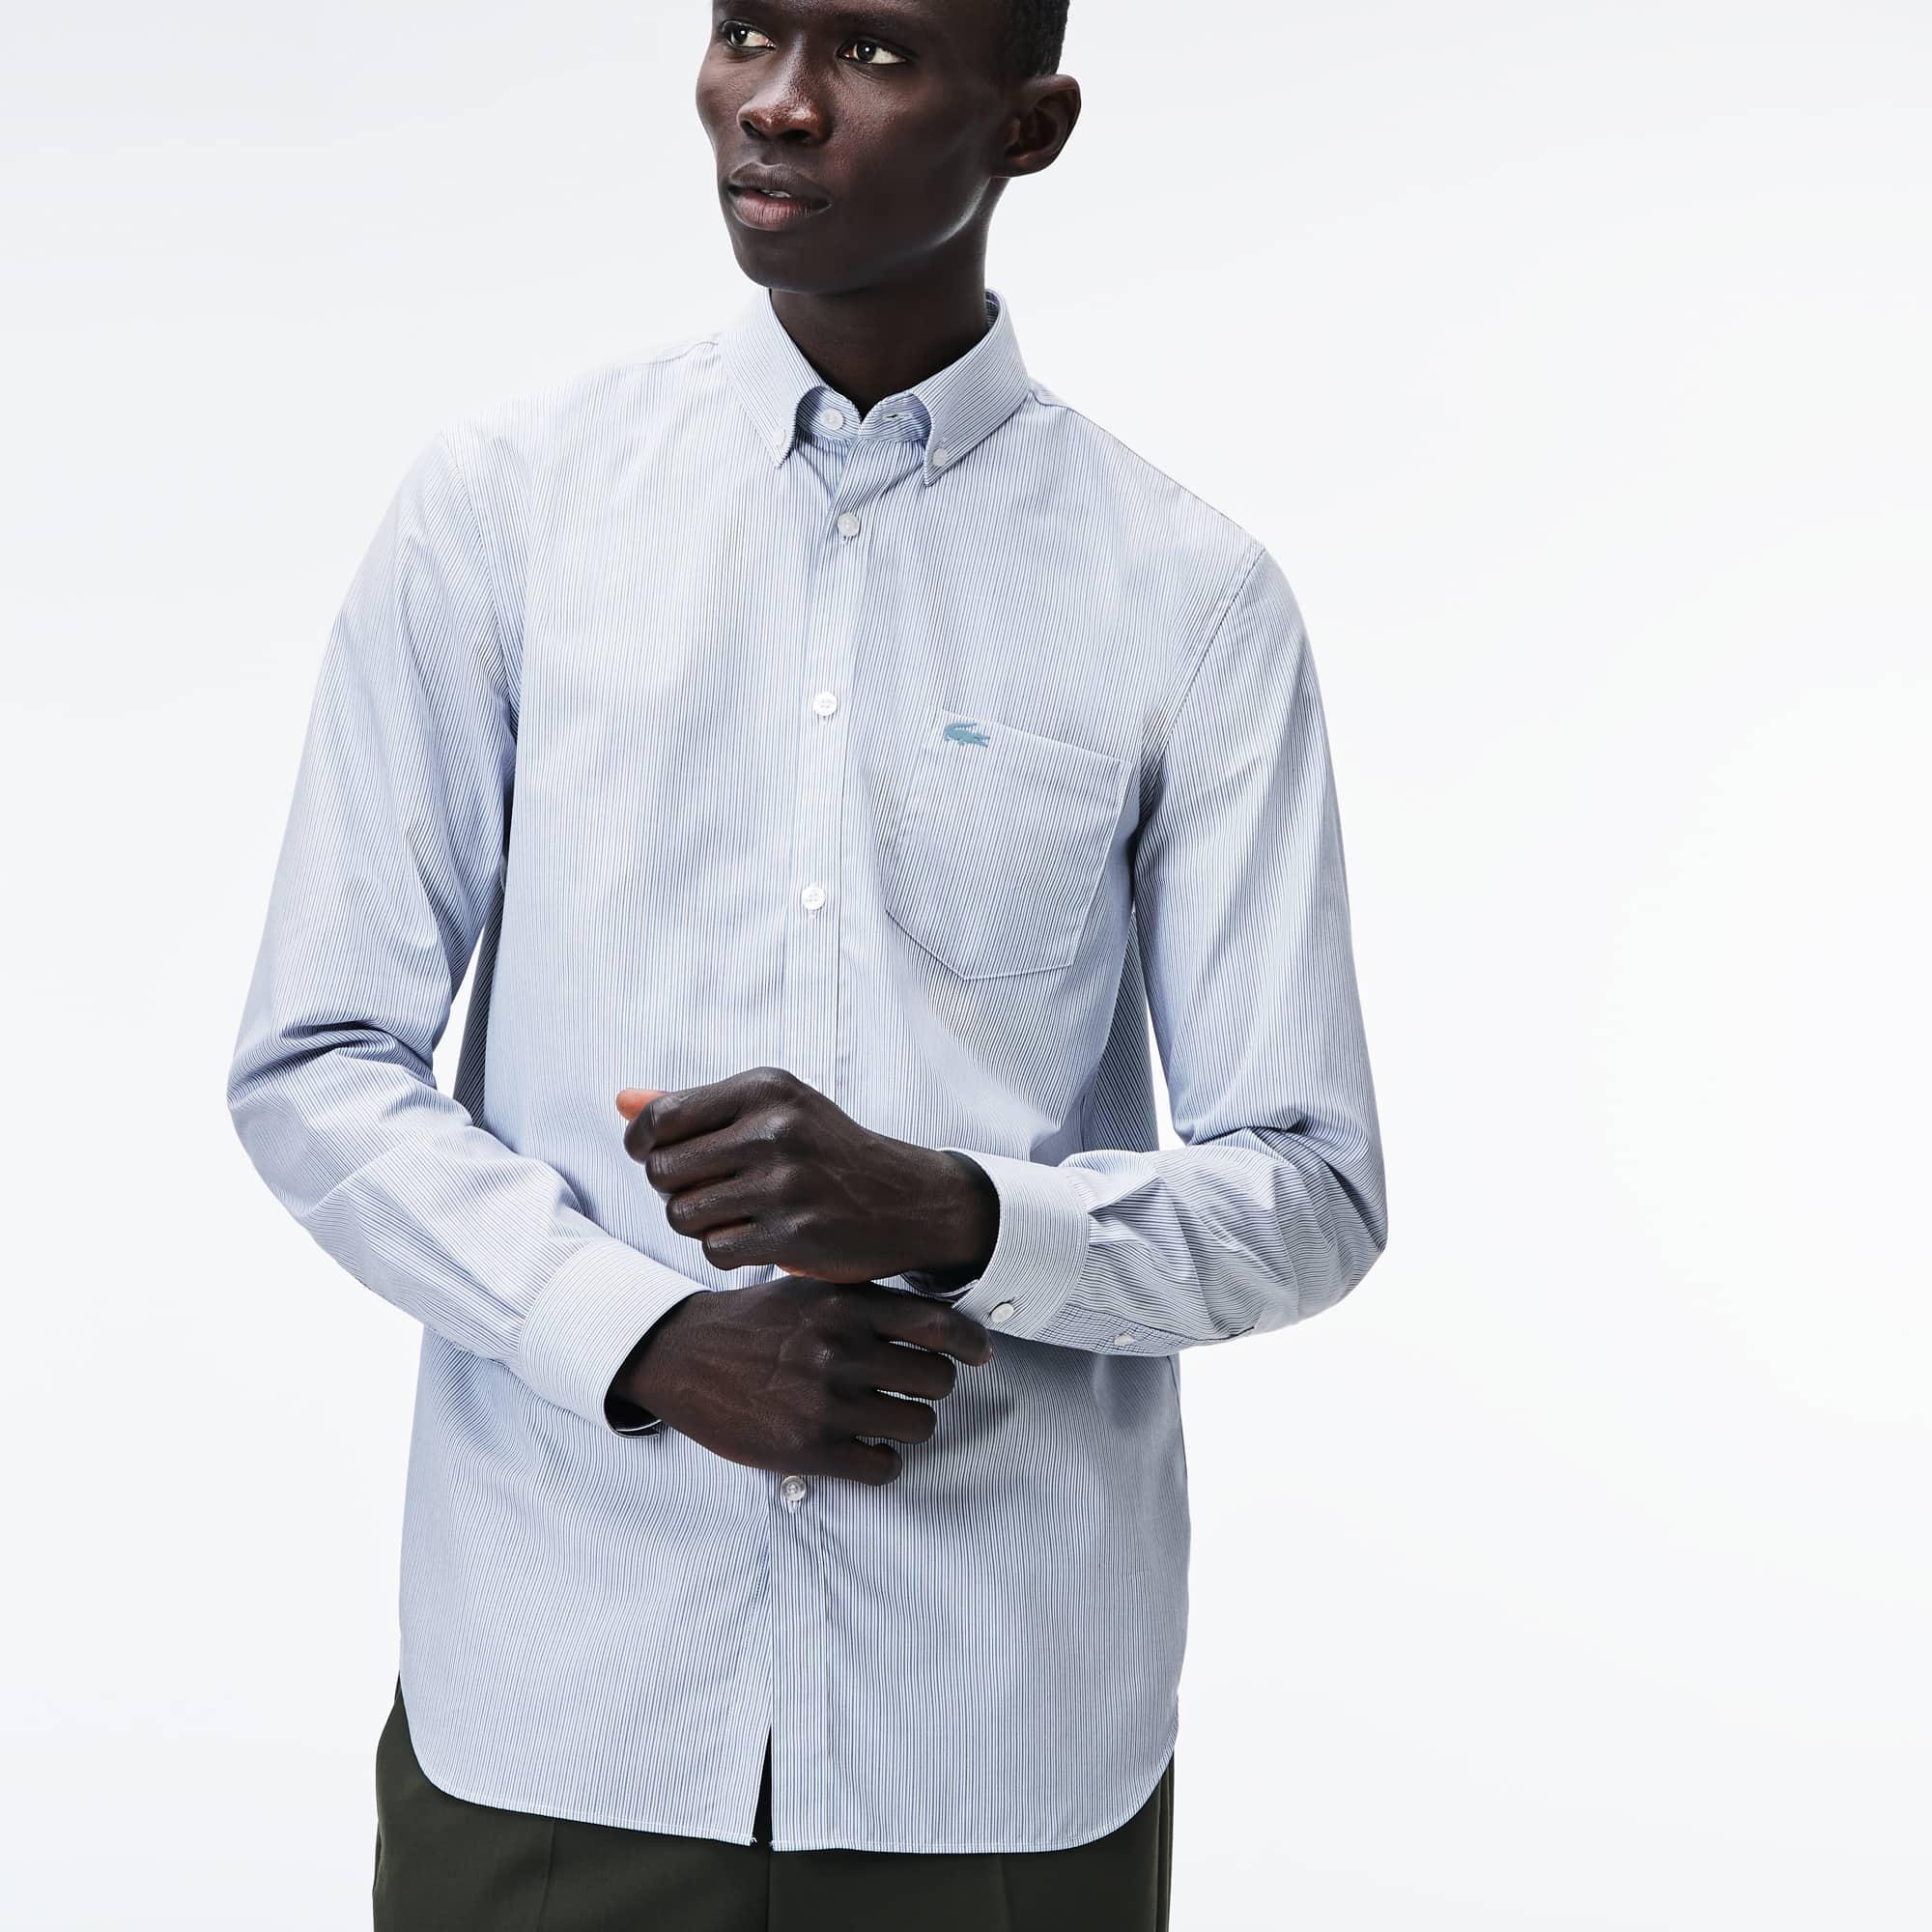 e17068e5720f9 Camisas de manga larga - Hombre